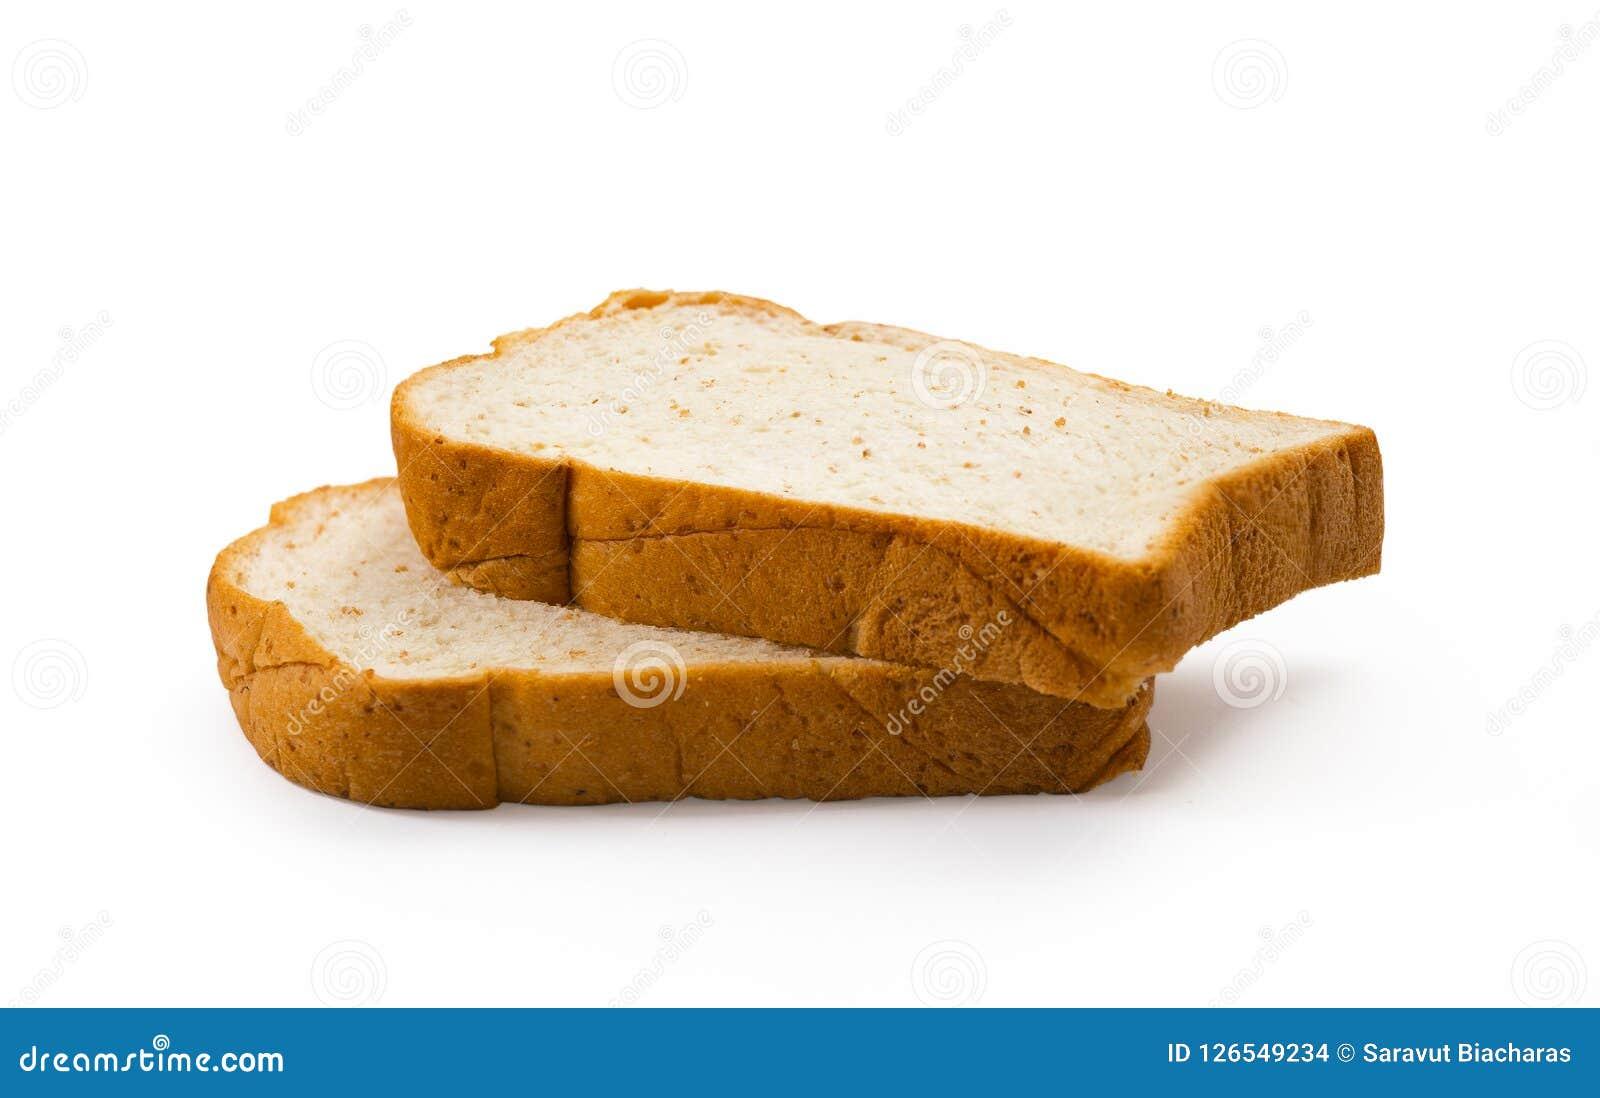 Geschnittenes Brot getrennt auf weißem Hintergrund